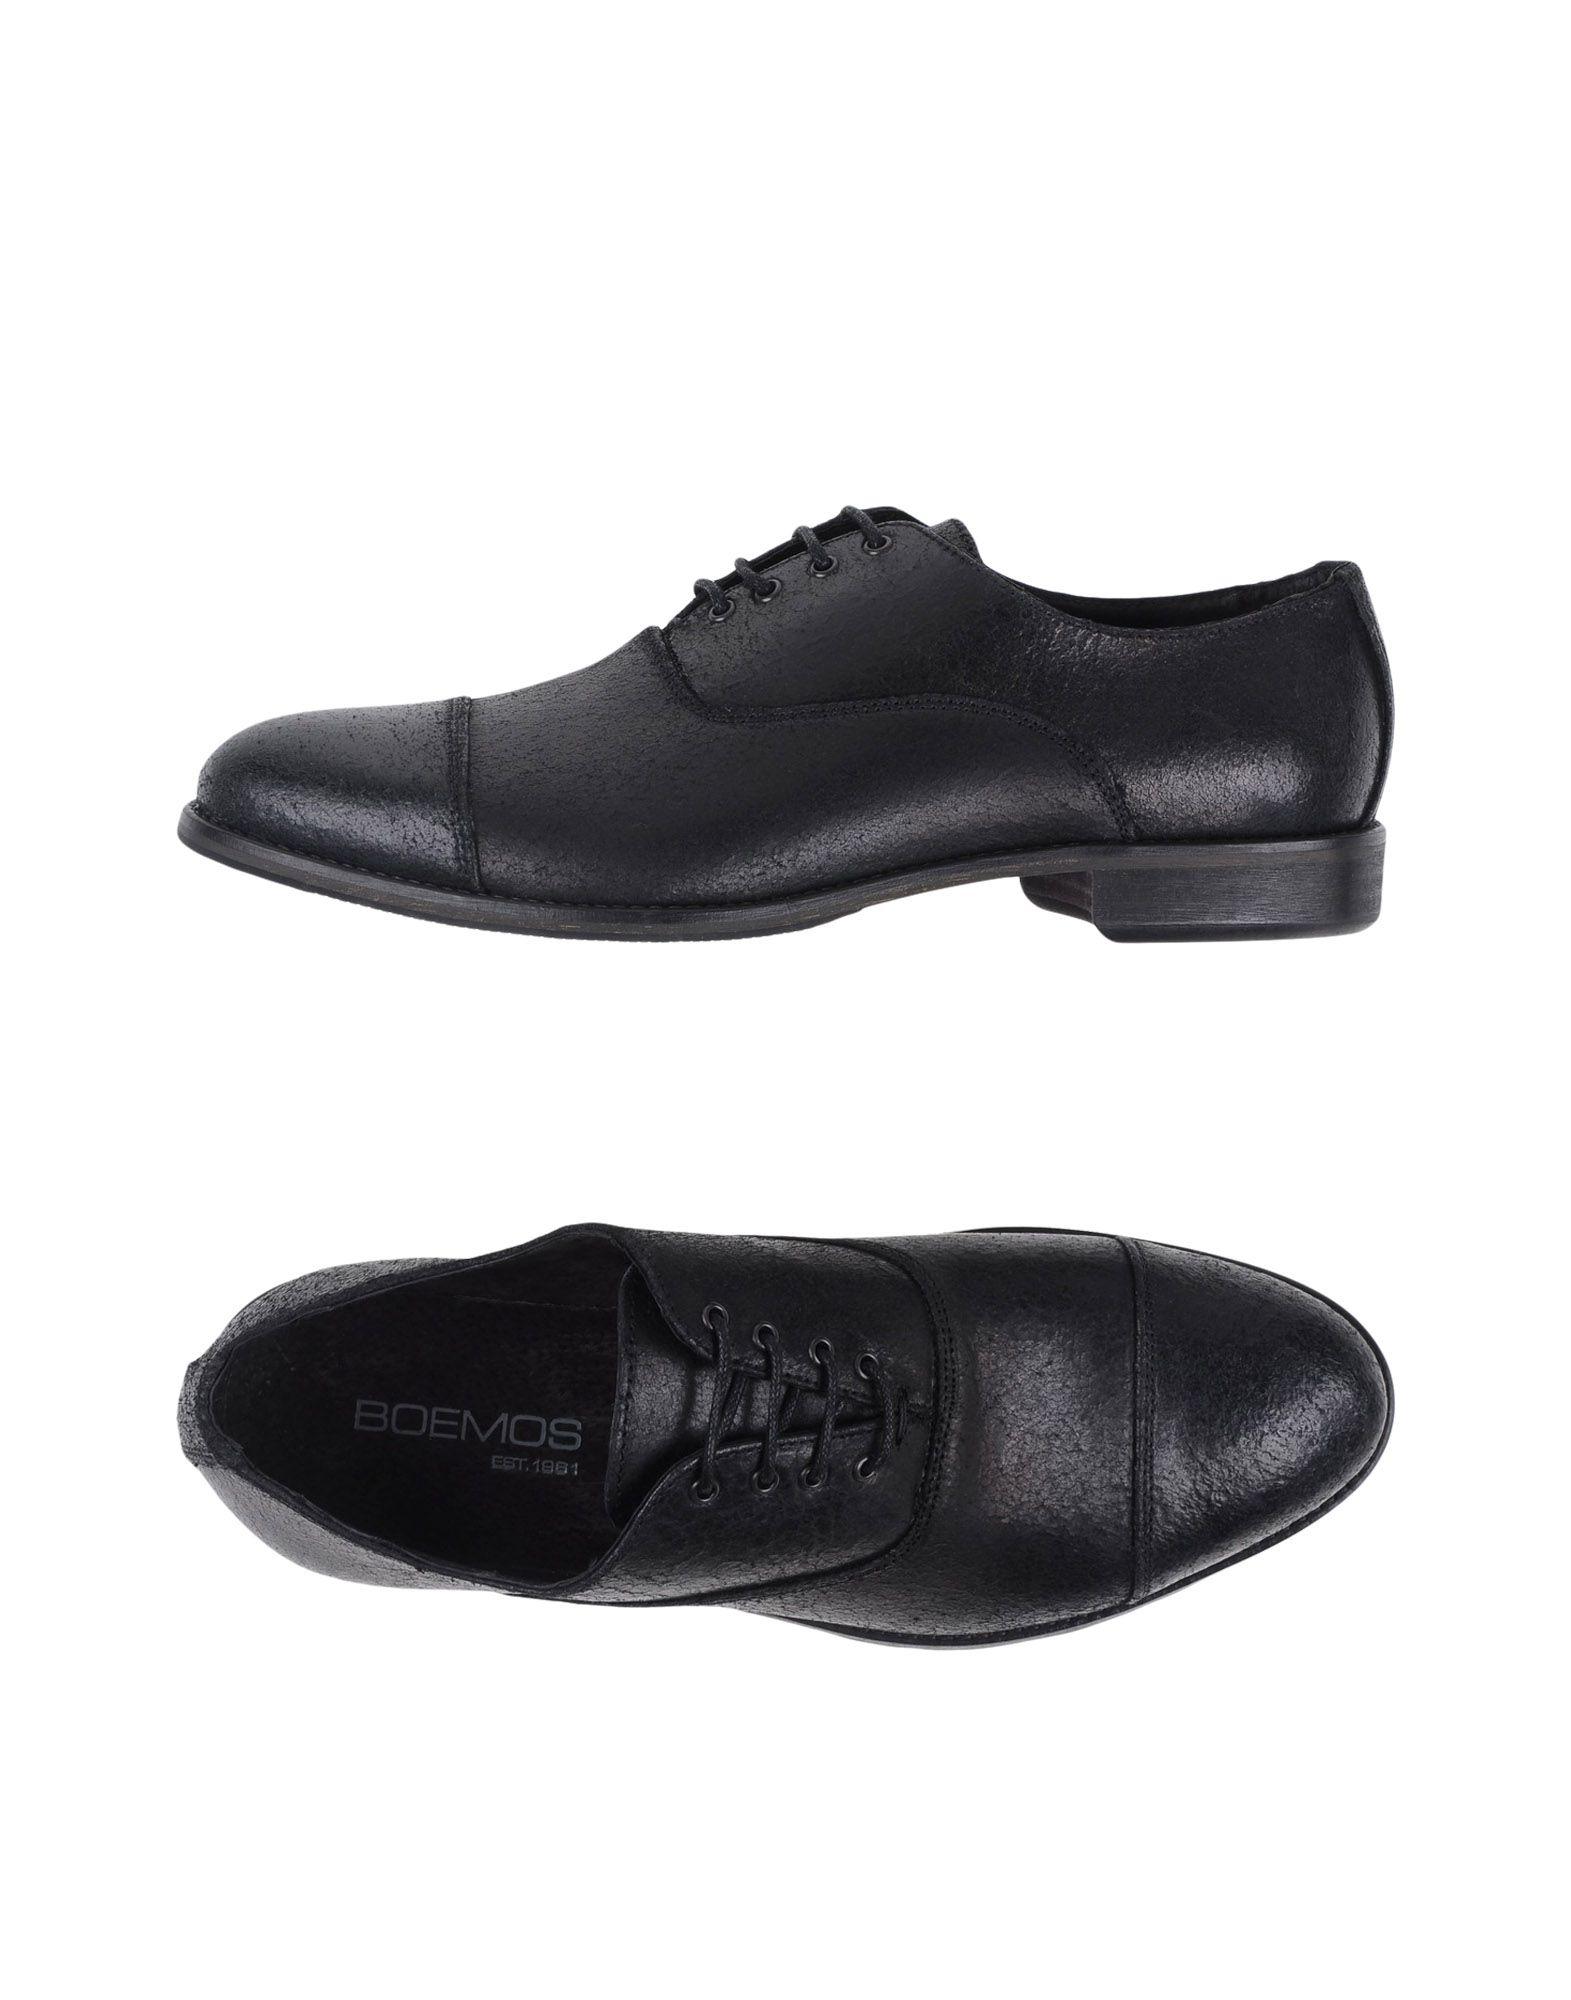 Boemos Shoes Womens